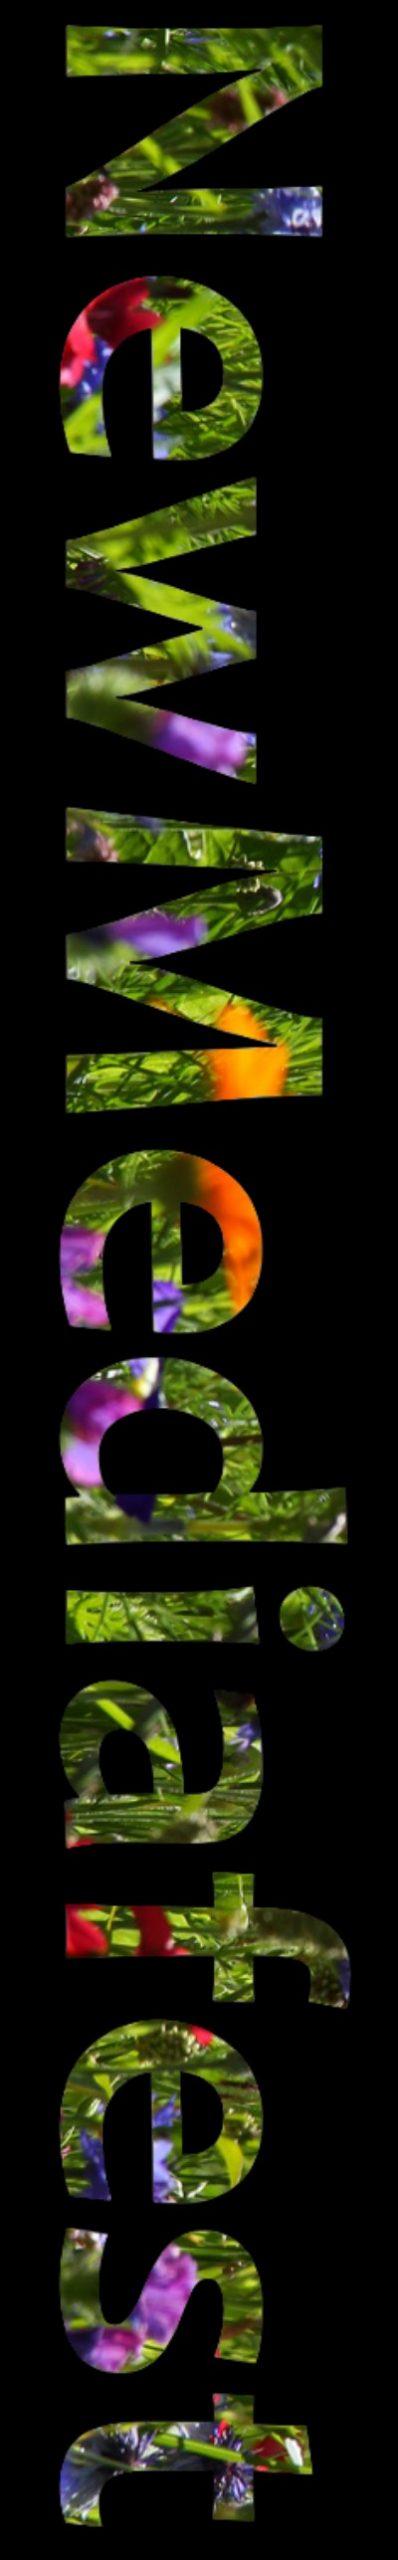 nmf-flower-vert-scaled.jpg